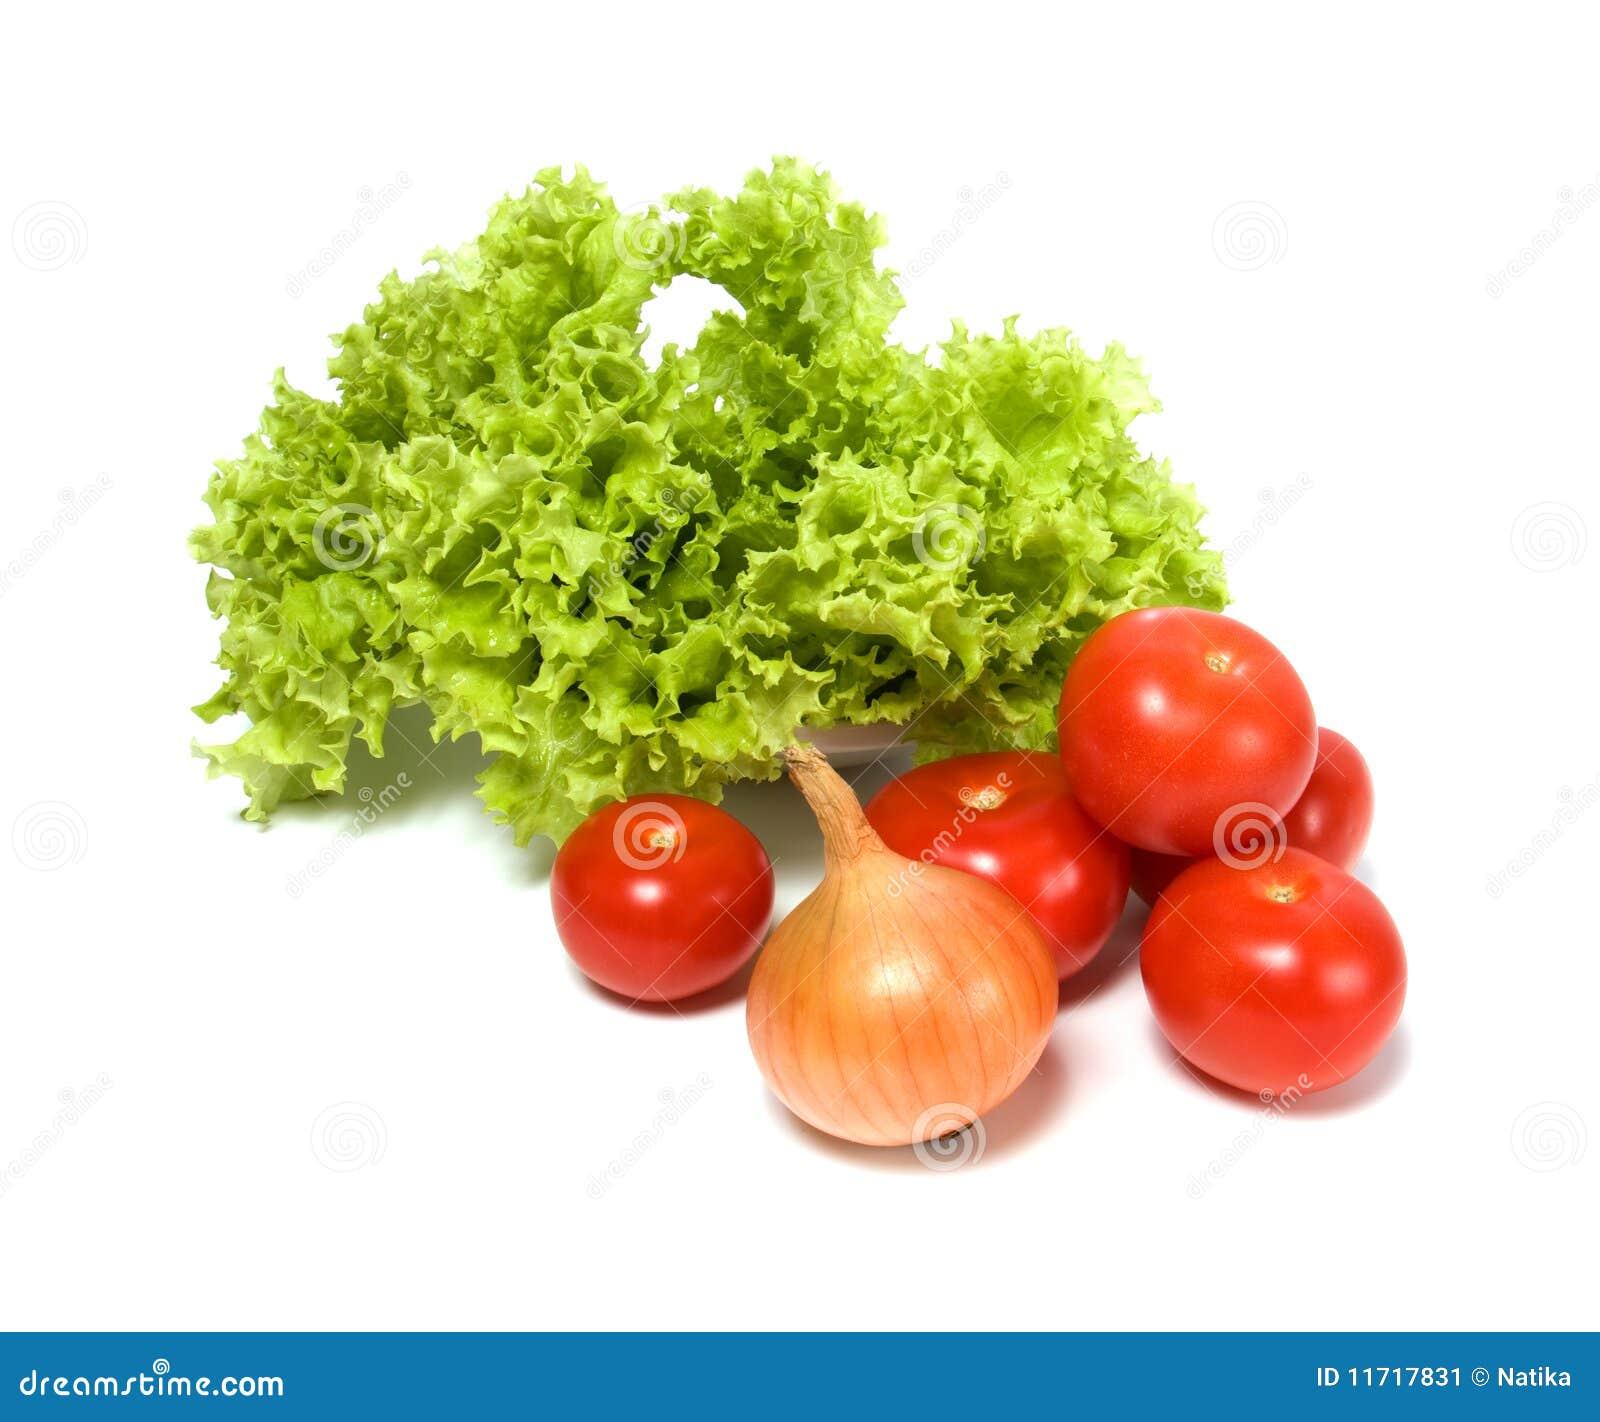 how to make vegetable salad lettuce